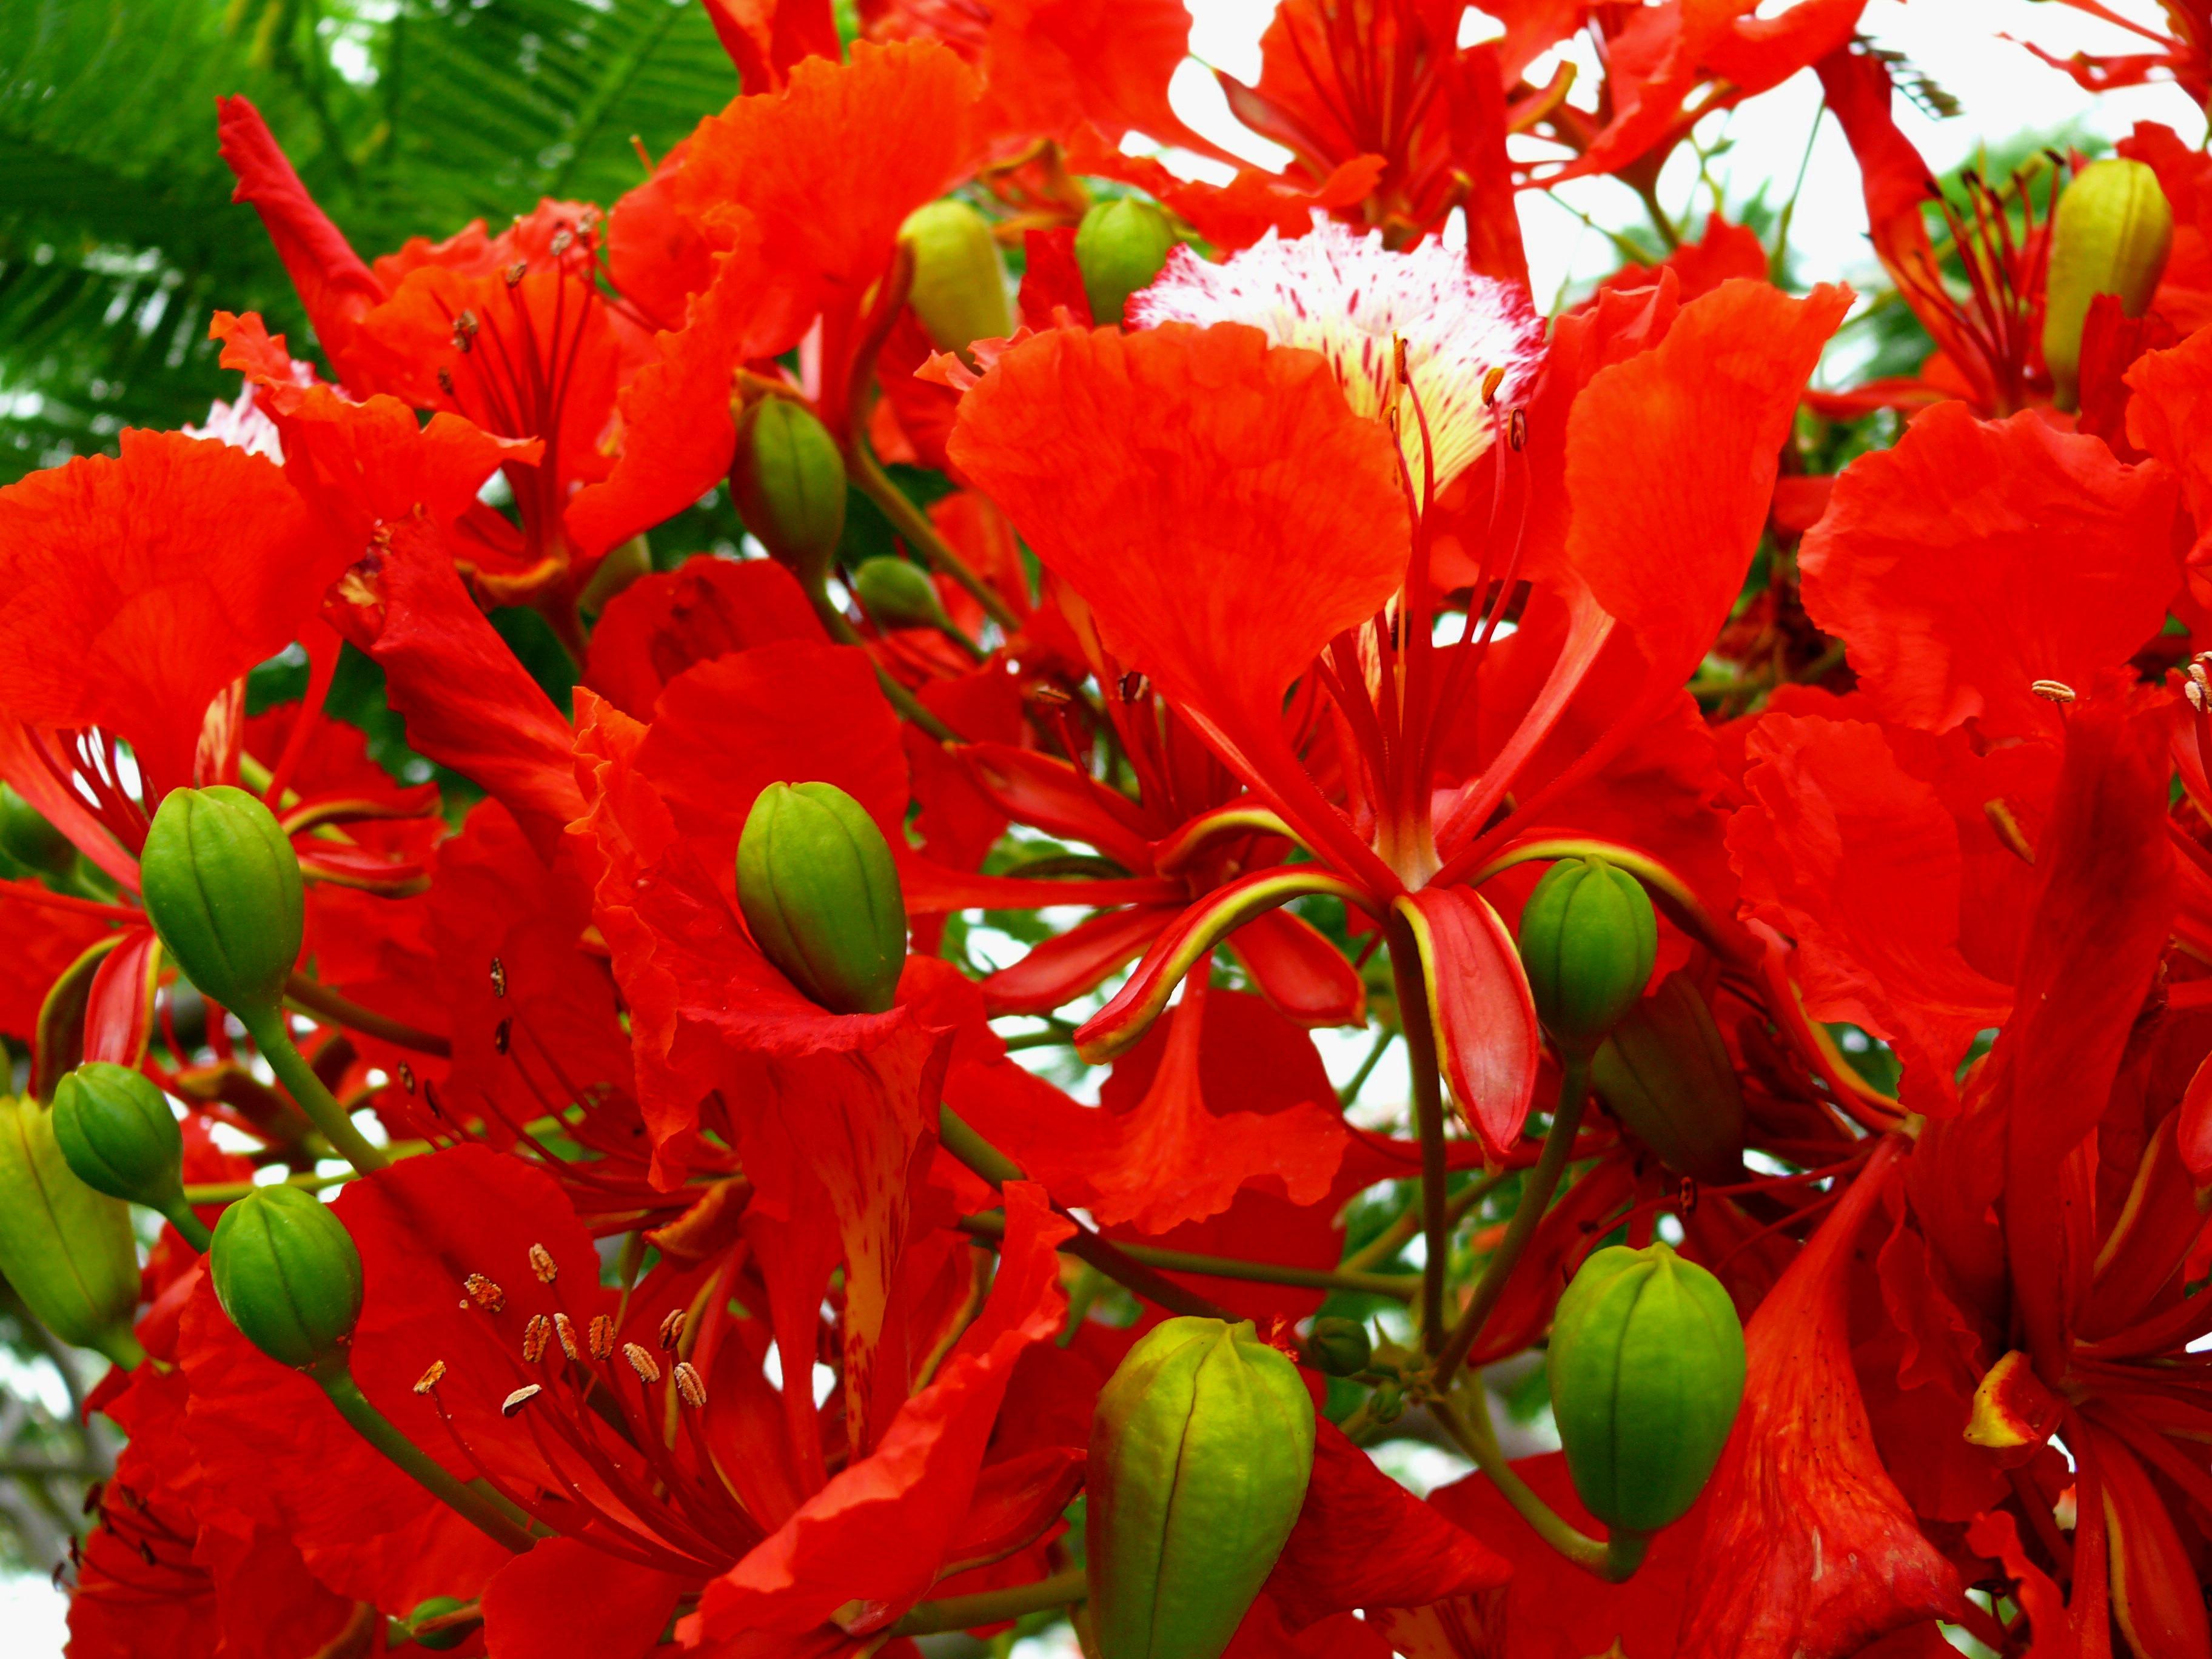 images gratuites : arbre, la nature, fleur, feuille, pétale